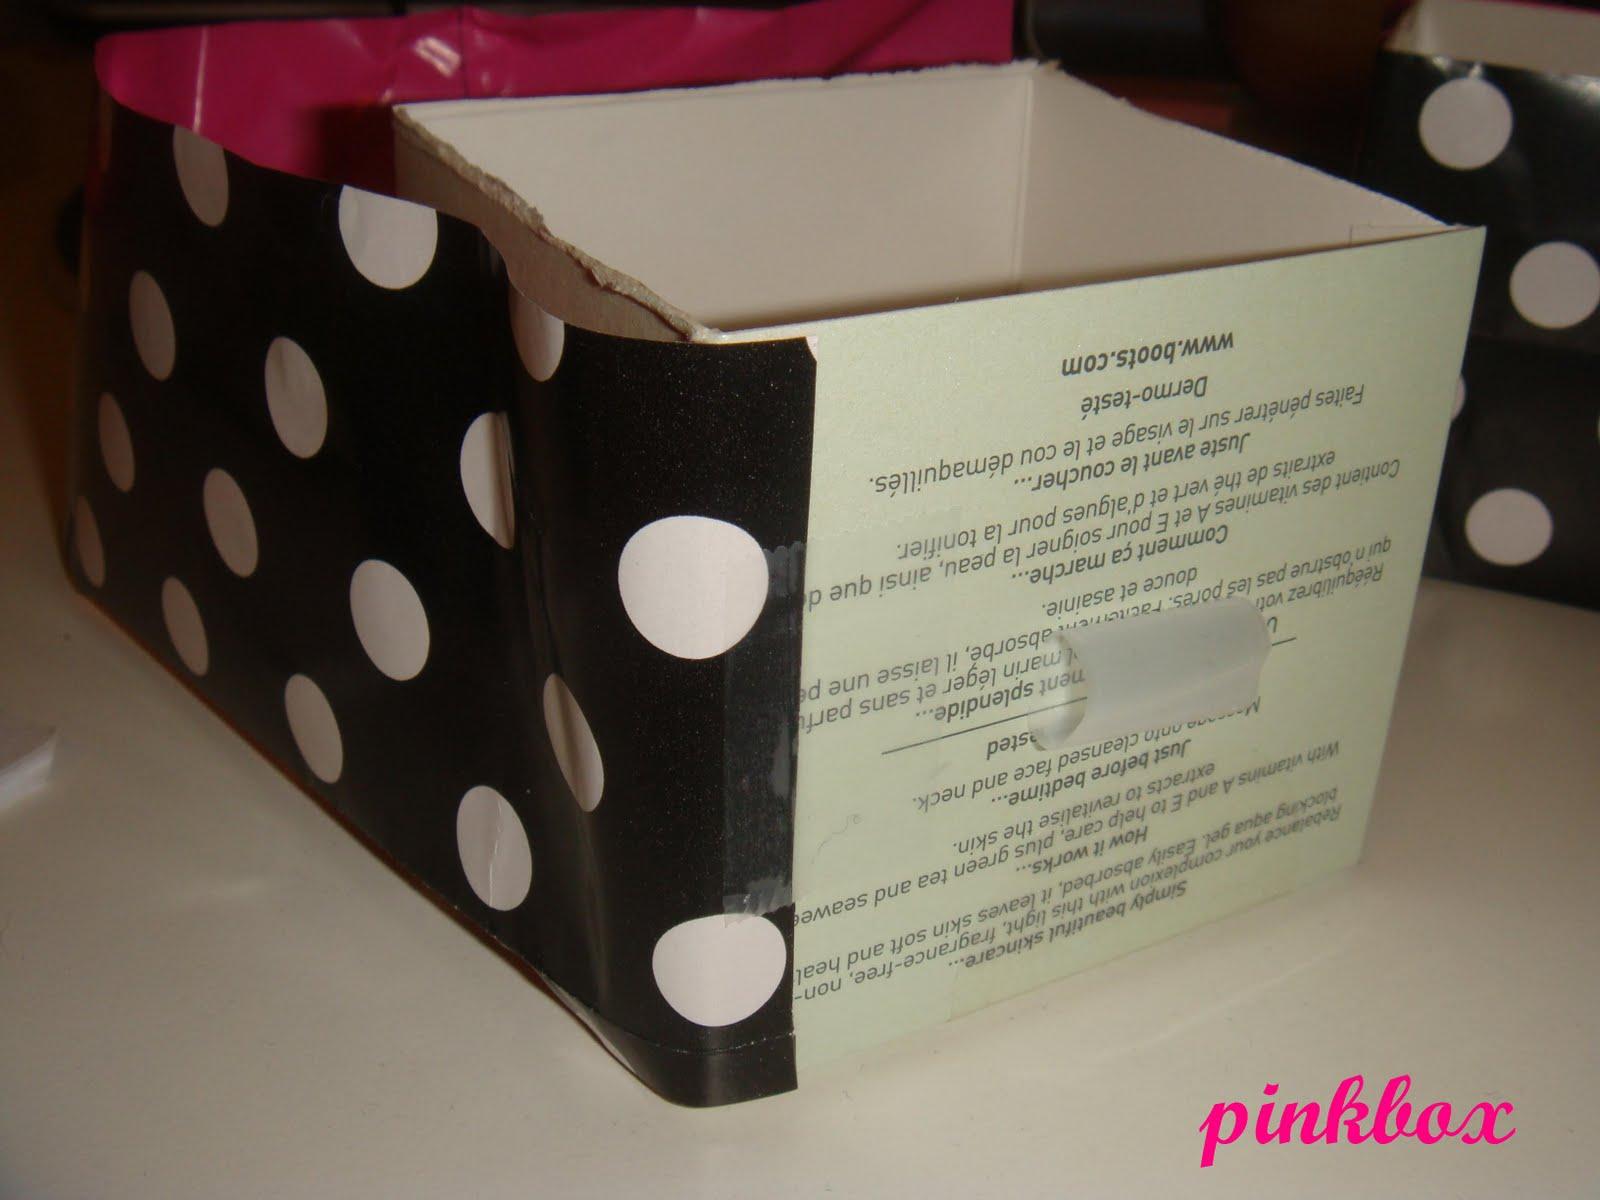 http://3.bp.blogspot.com/__i1TzY8zi5E/TBrUYZwJX_I/AAAAAAAAAqM/DN4nhuPuE-0/s1600/DIY+Lipstick+holder+5.JPG